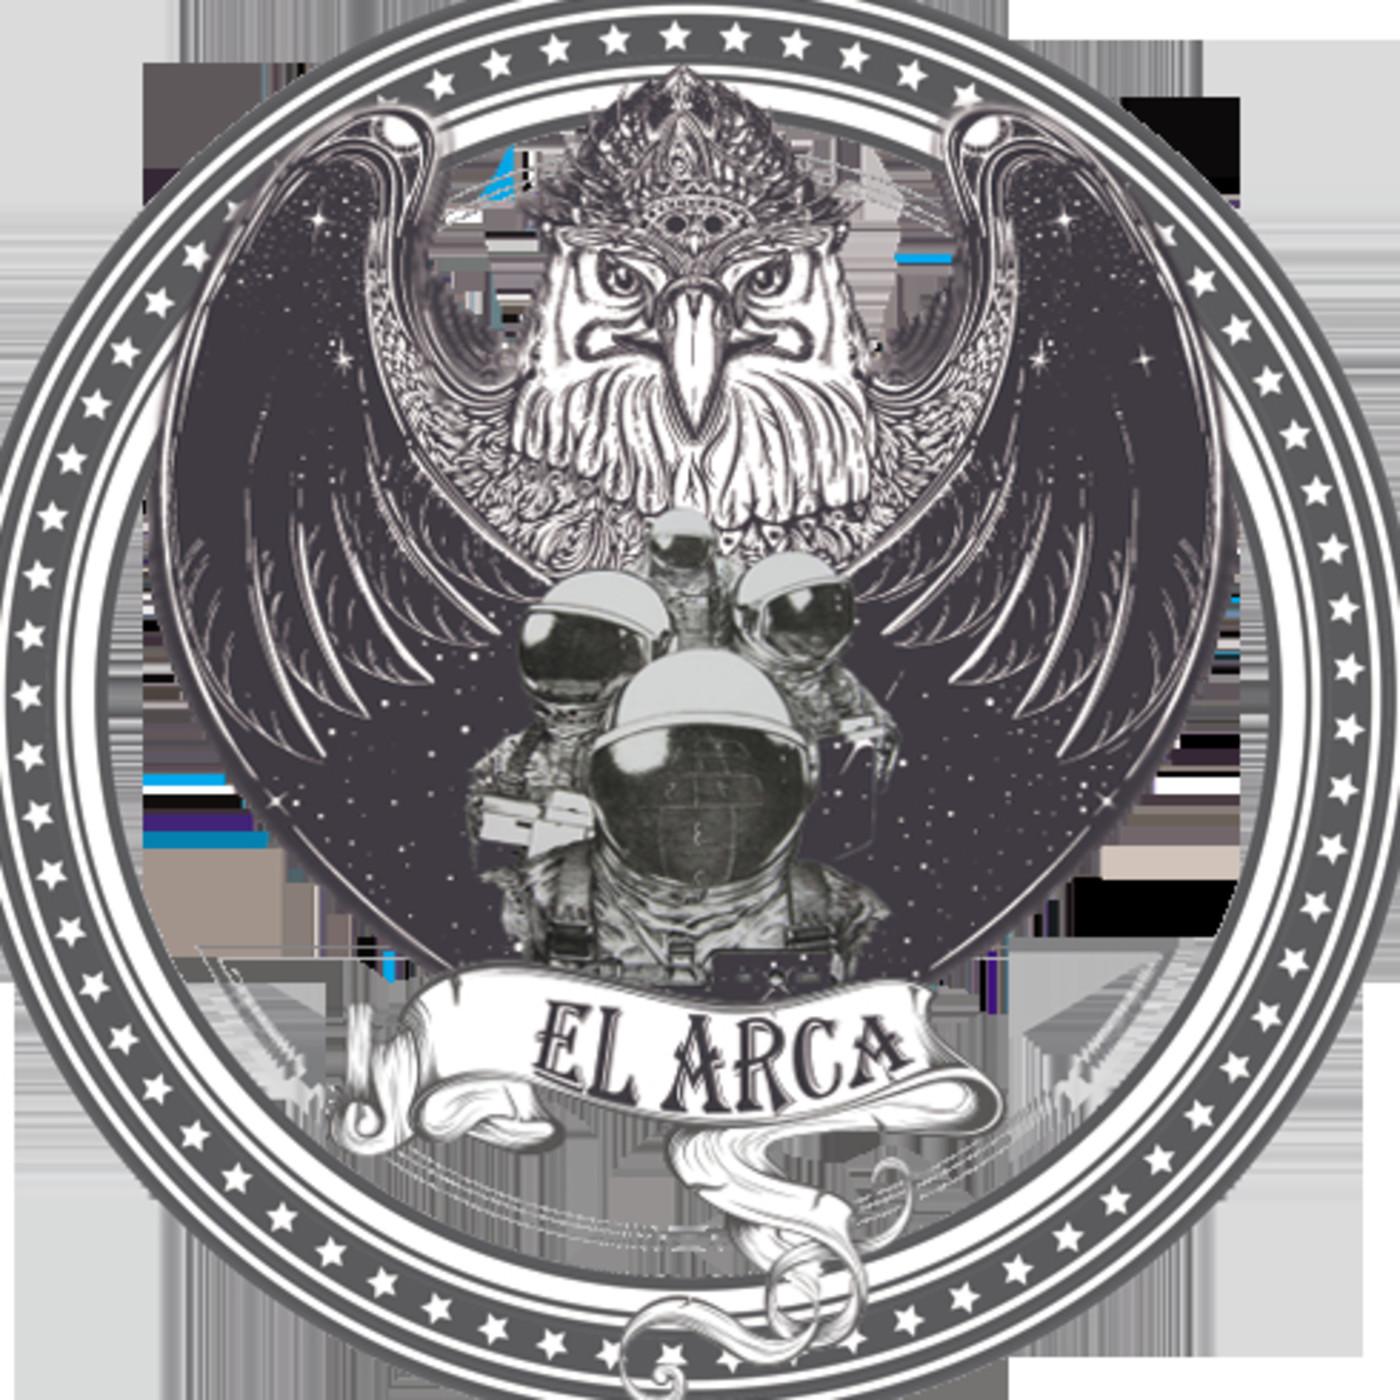 EL ARCA PuntalRadio: Hoy llega el fin del mundo - Programa 71 - 30 ...